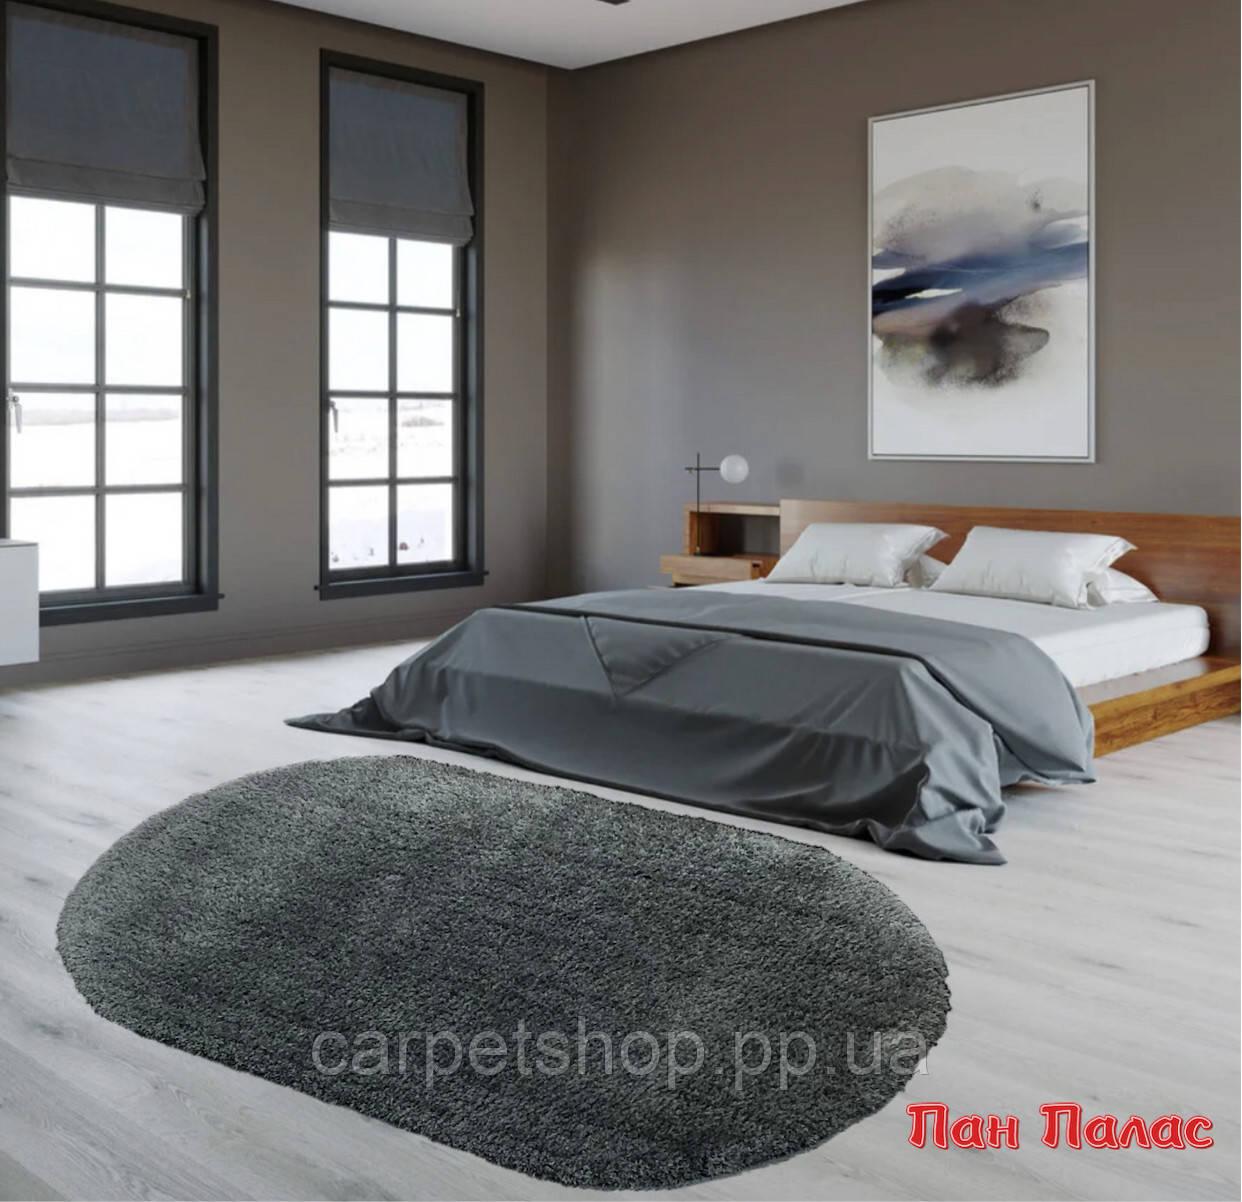 1,5х3,0 м. Килимок приліжковий shaggy, мікрофібра сірий колір. Овал і прямокутний.